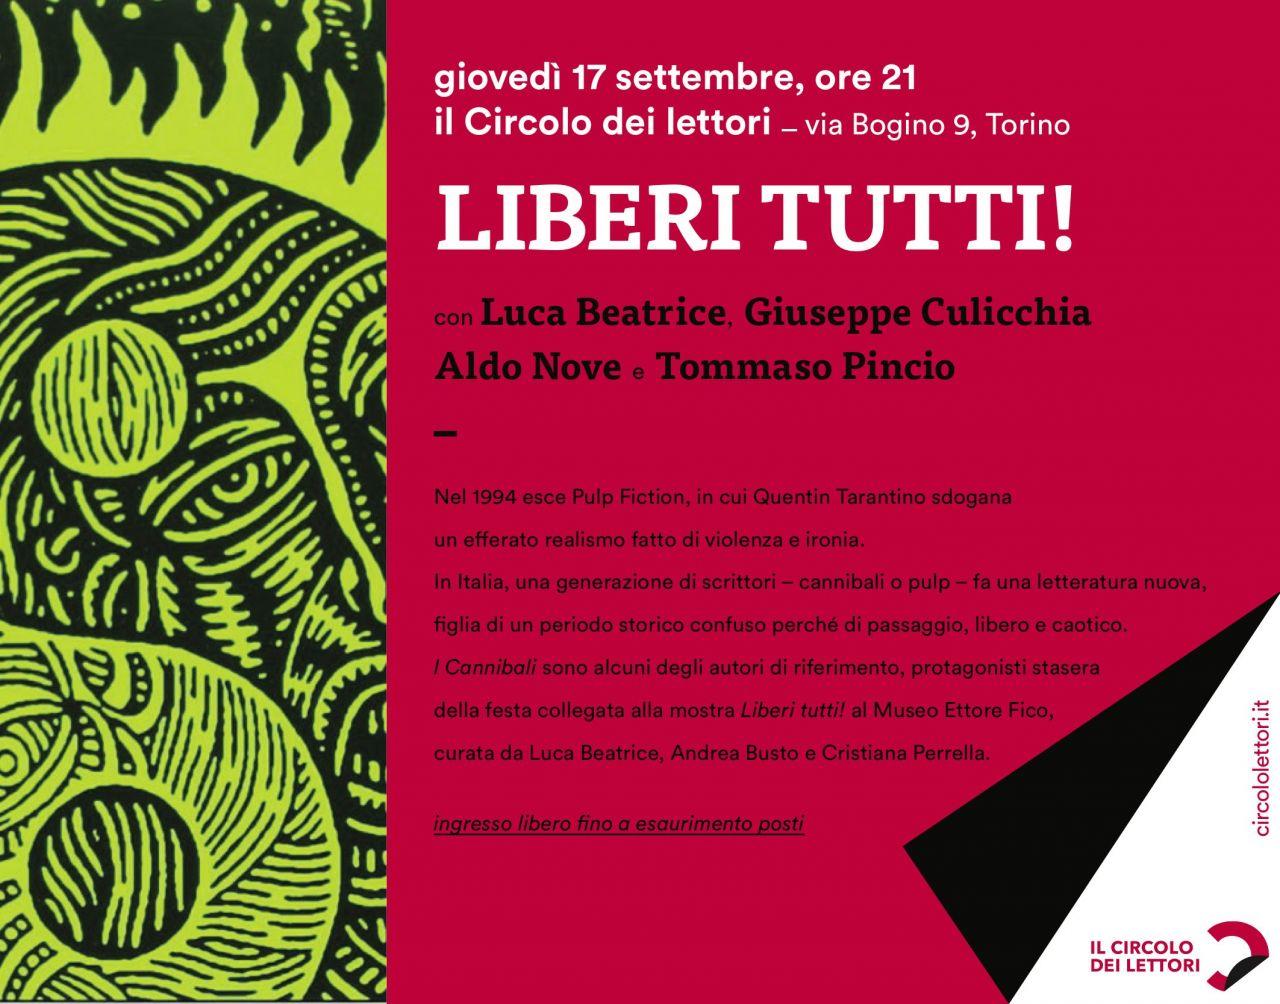 """Incontro su """"LIBERI TUTTI!"""" con Luca Beatrice, Giuseppe Culicchia,  Aldo Nove e Tommaso Pincio"""